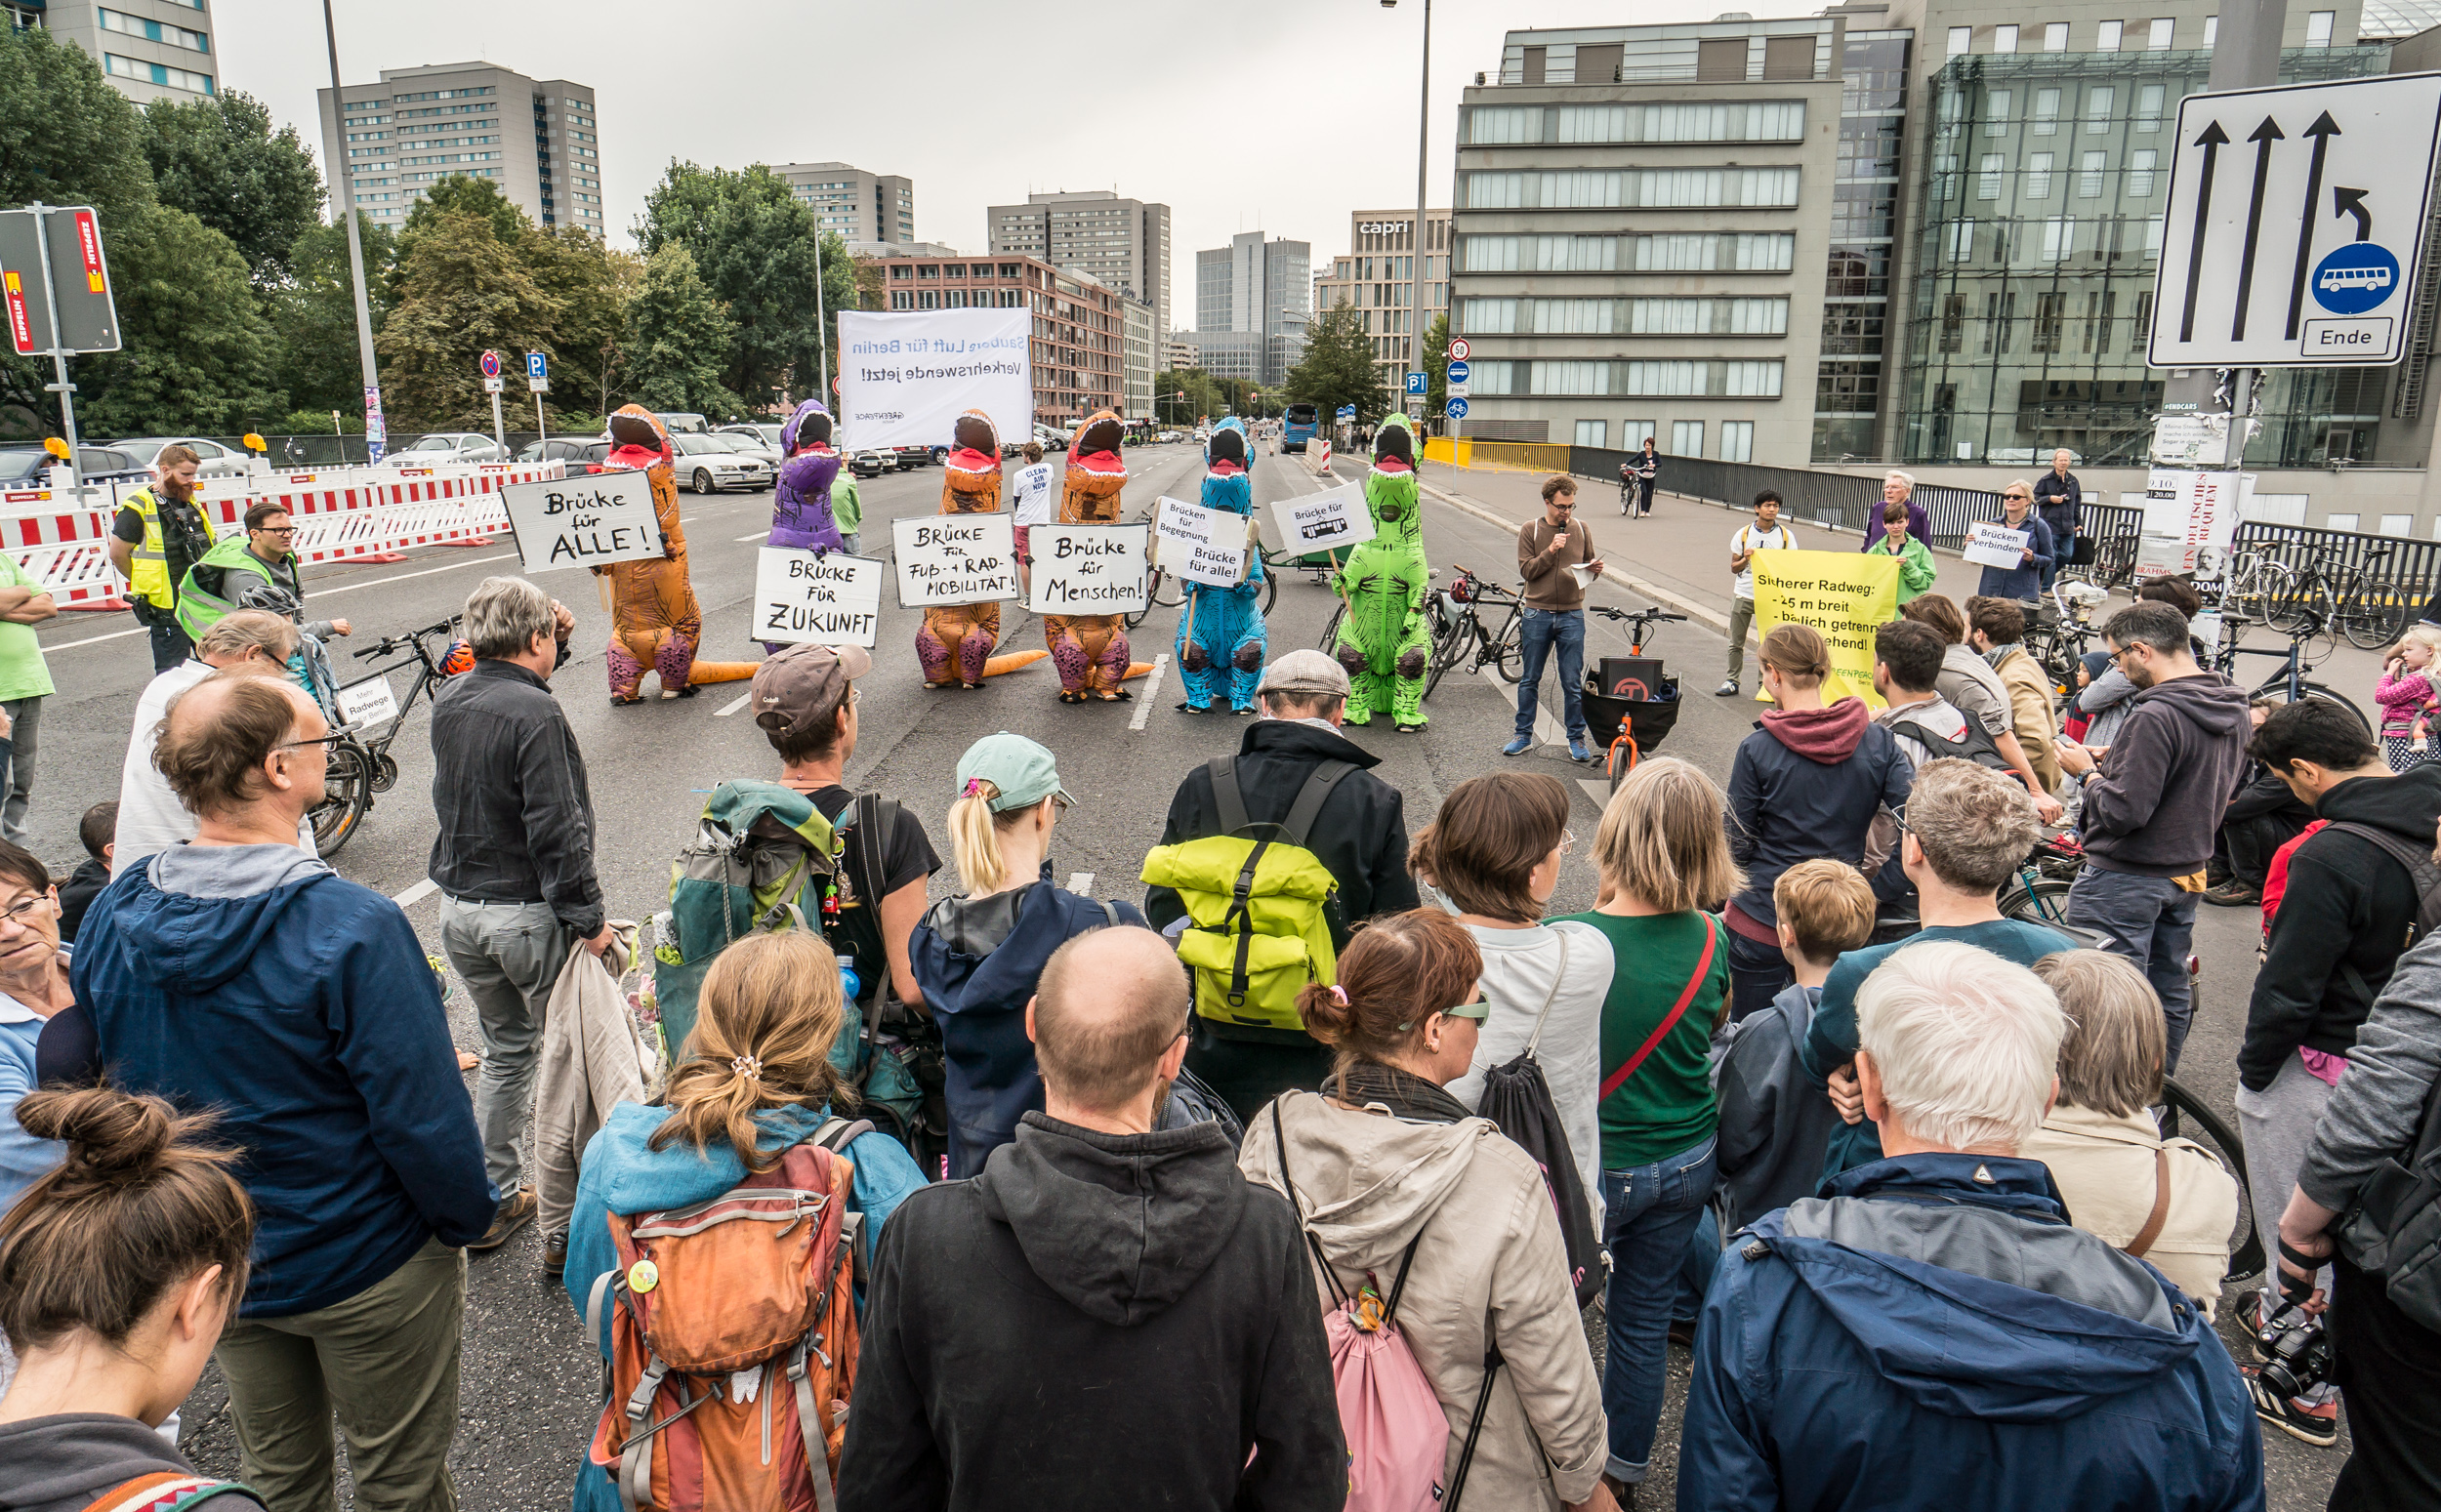 Demo gegen den autogerechten Ausbau der Mühlendammbrücke. 7.9.2019, Changing Cities